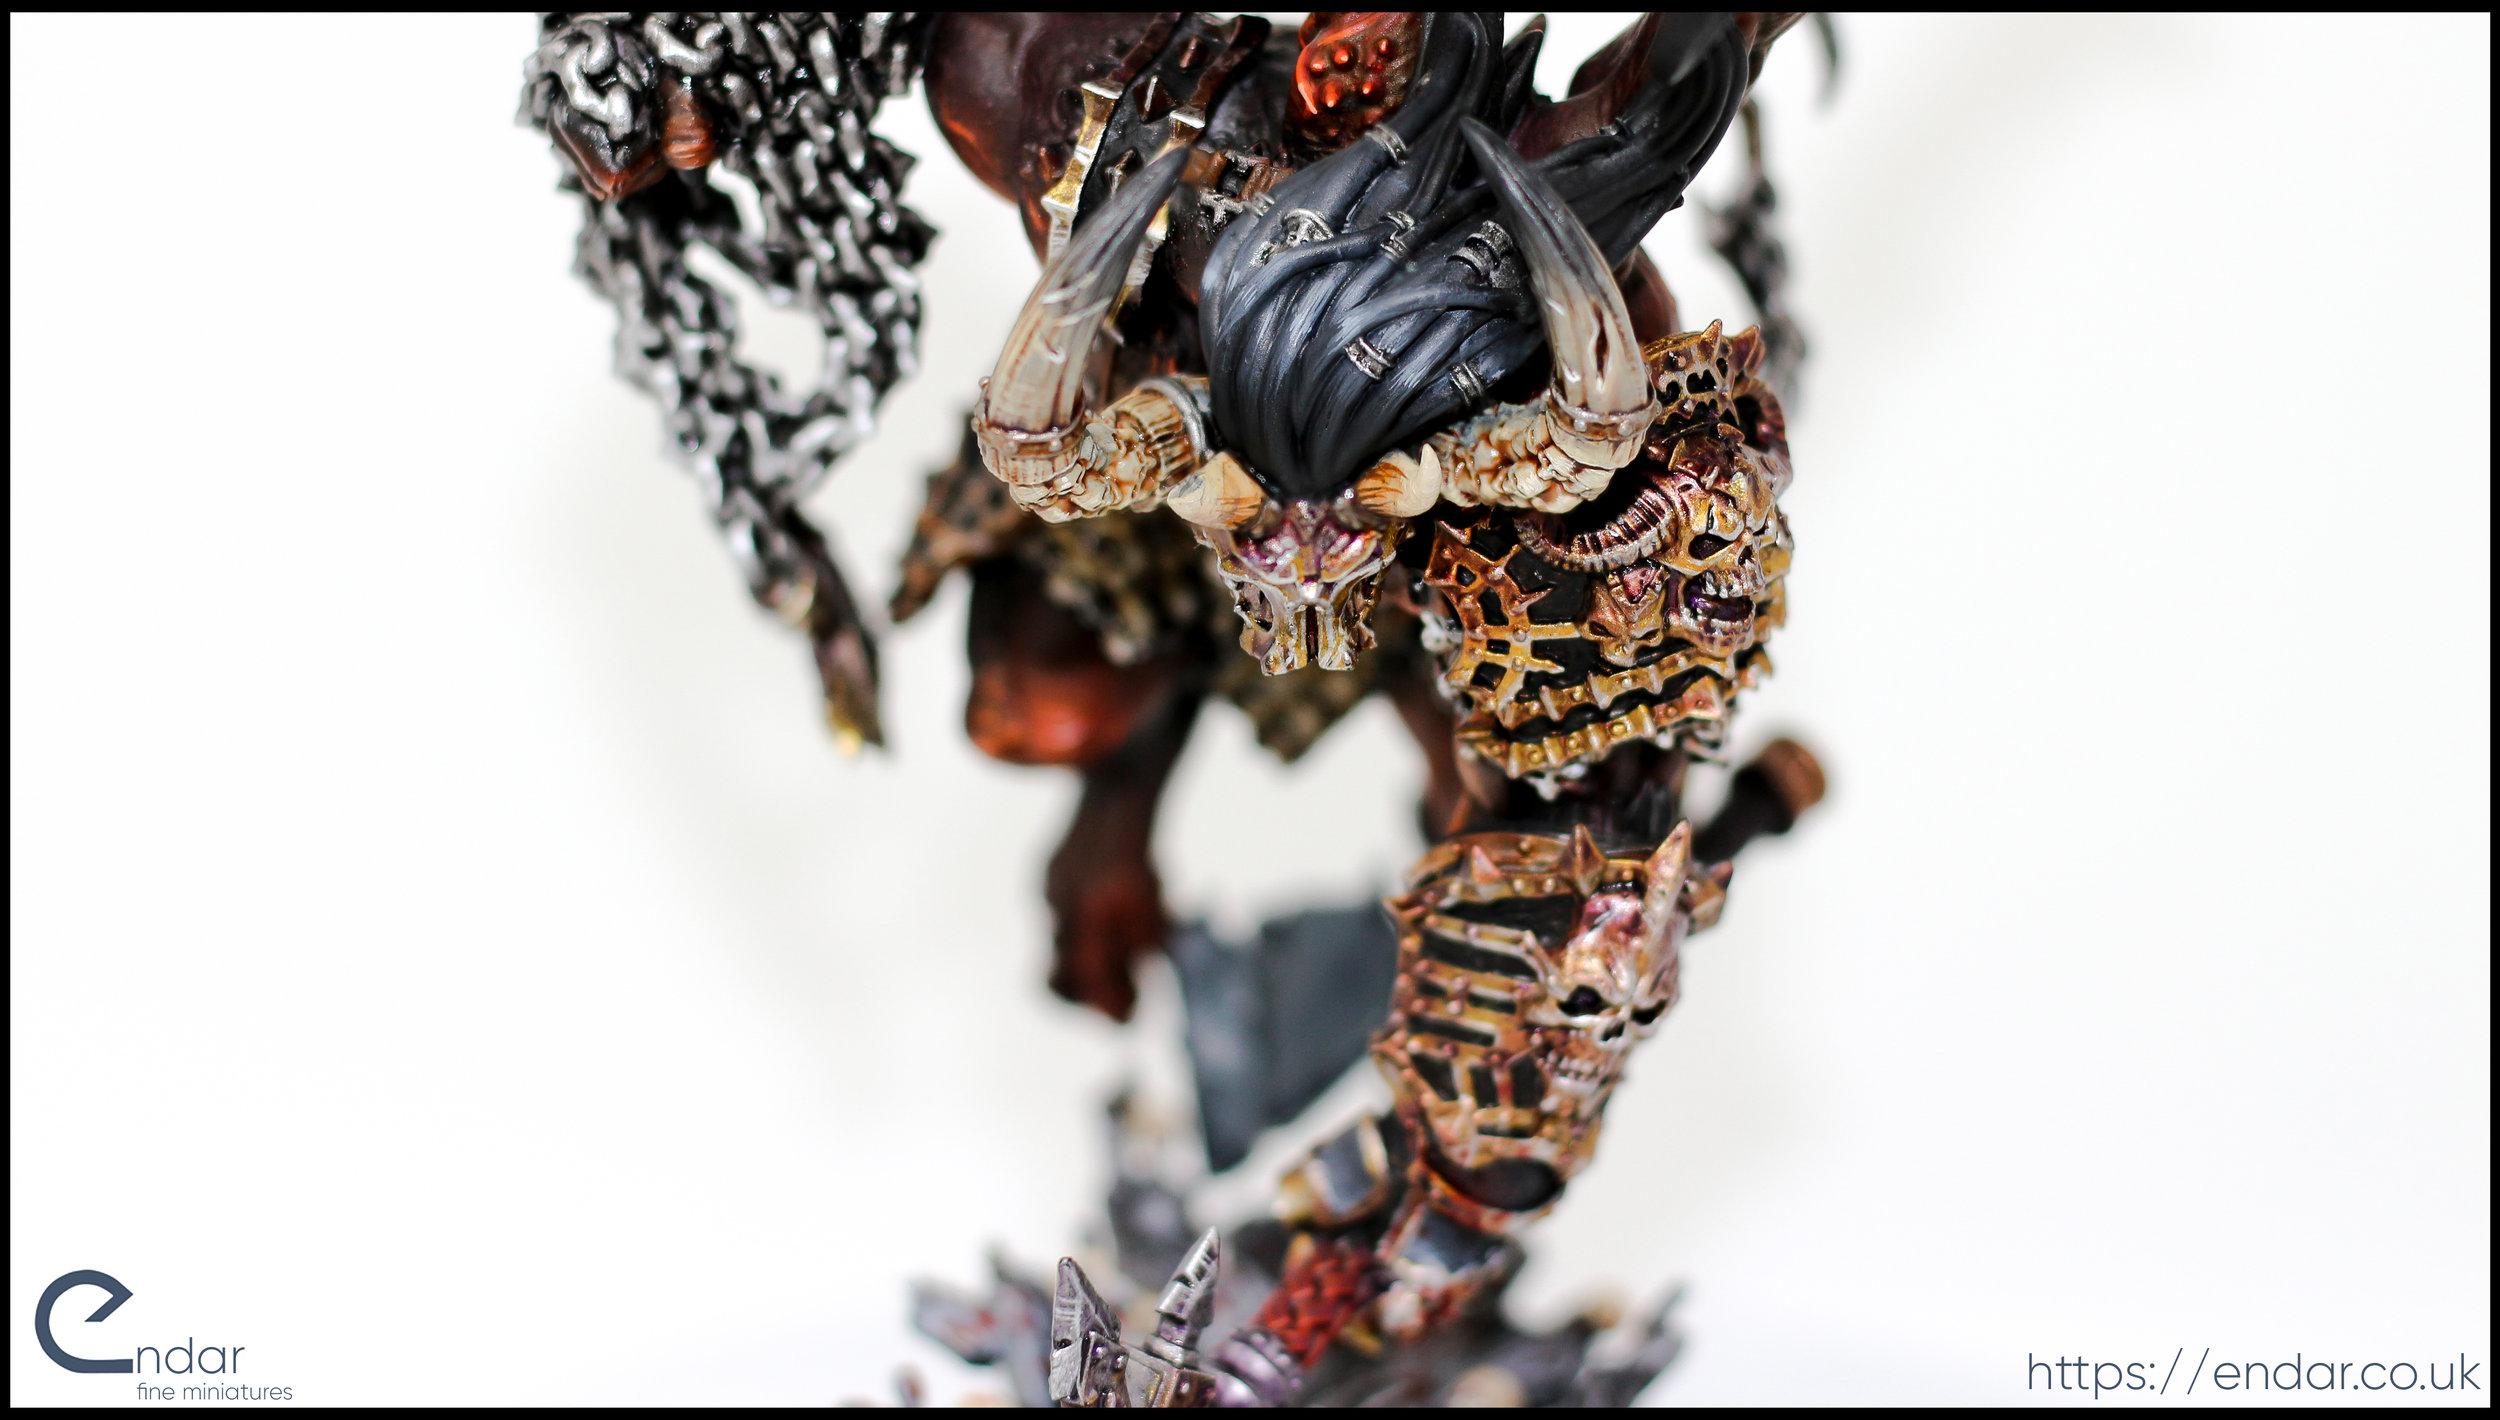 King of War 16_9 Profile2.jpg